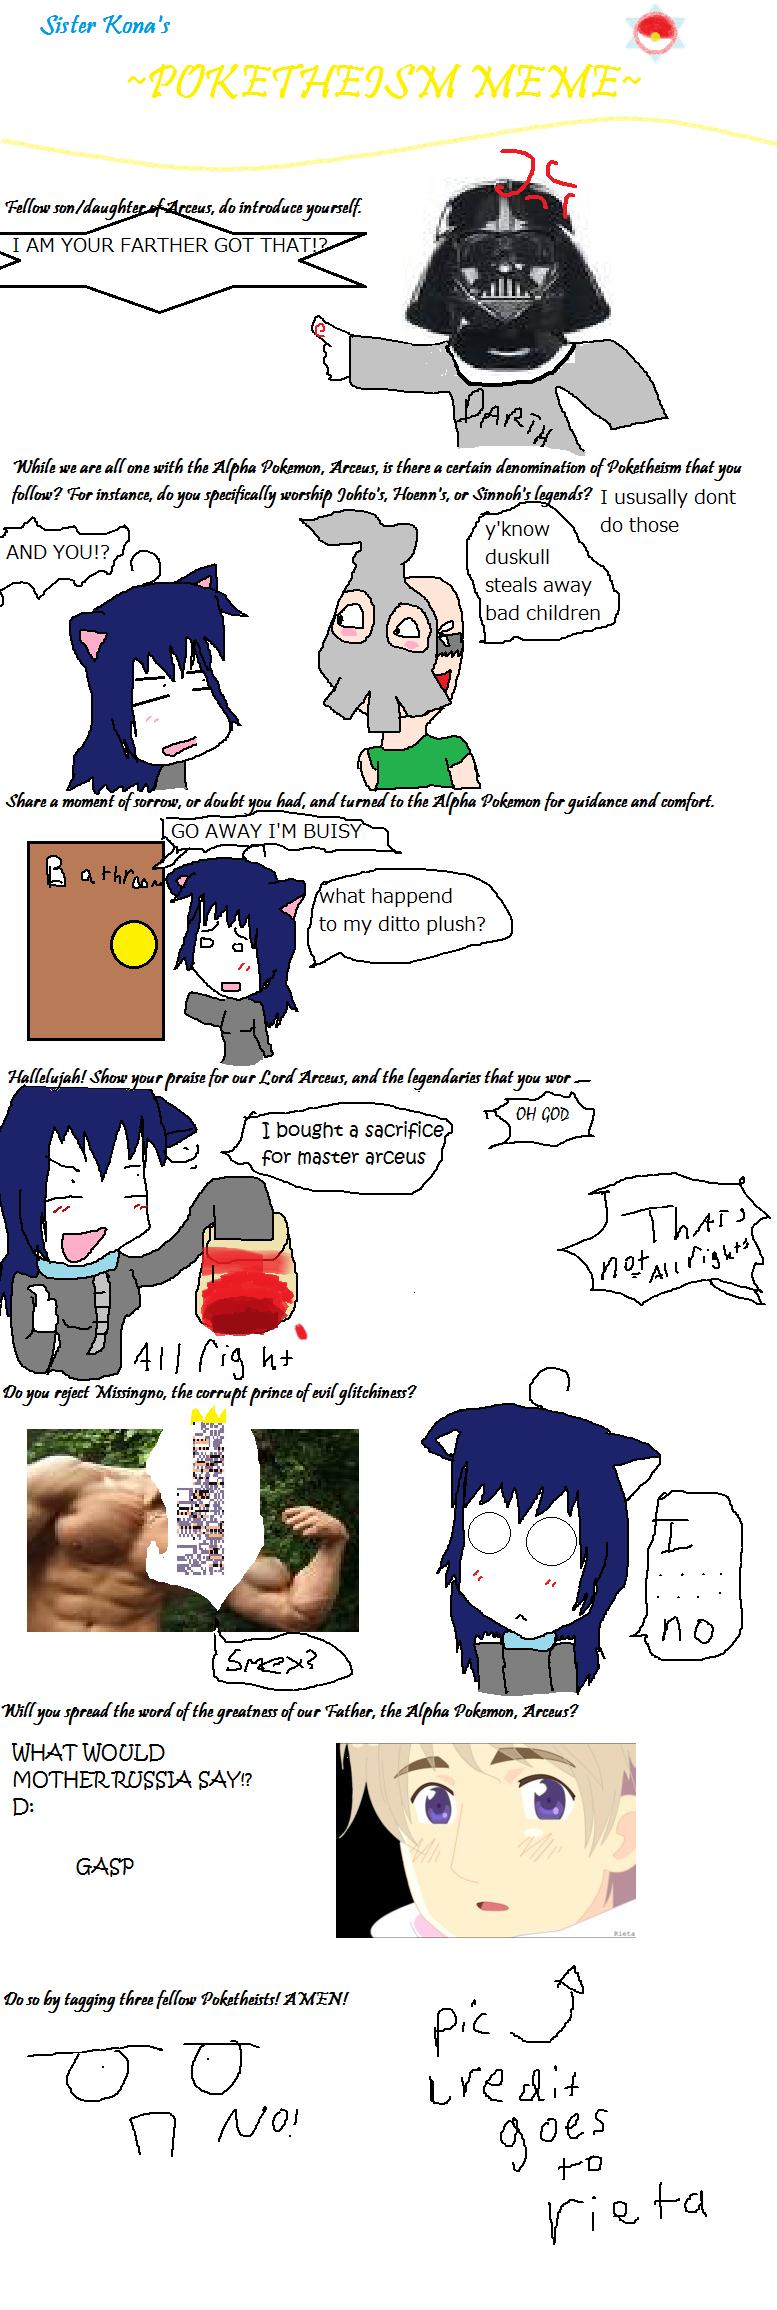 Konata101 arceus meme thingy